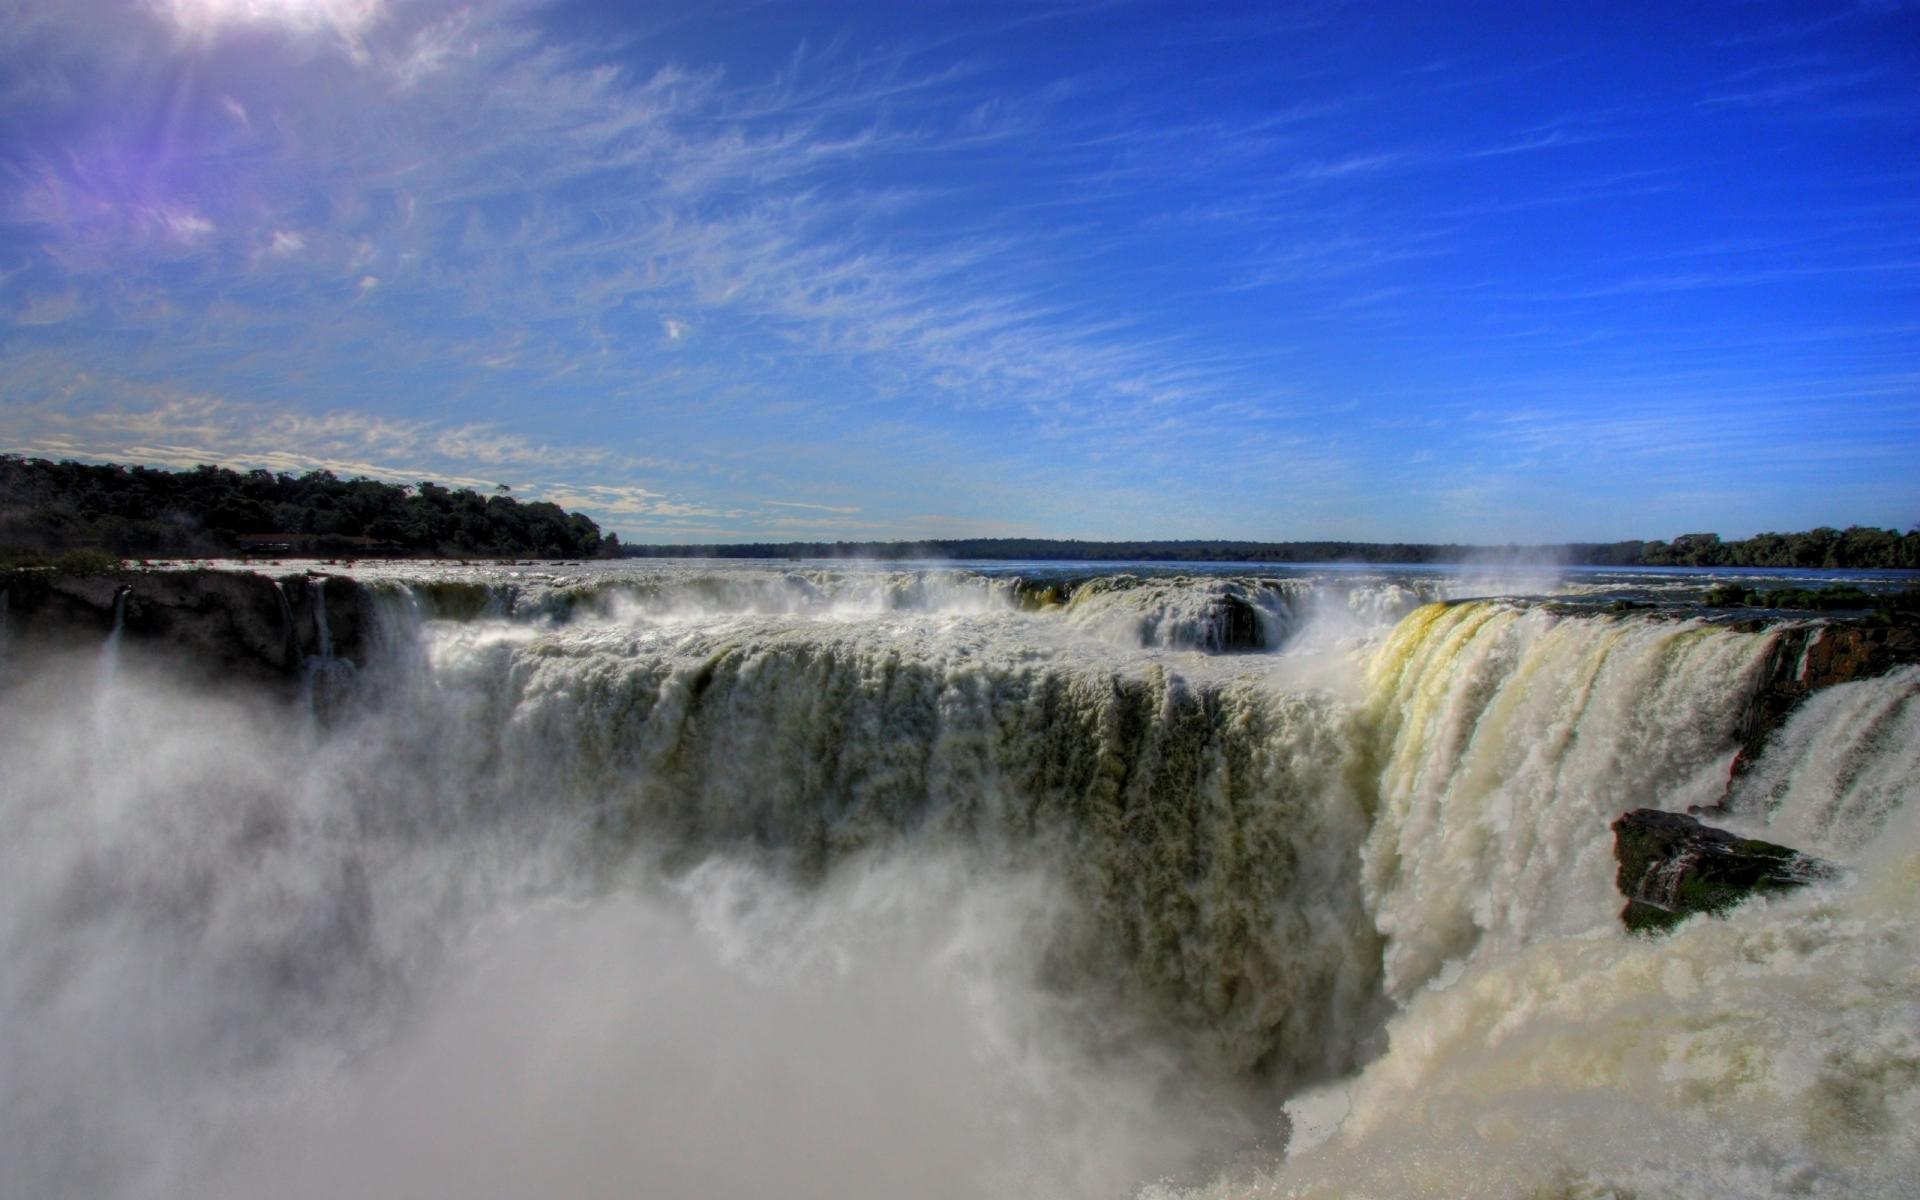 Iguazu Falls wallpapers HD quality